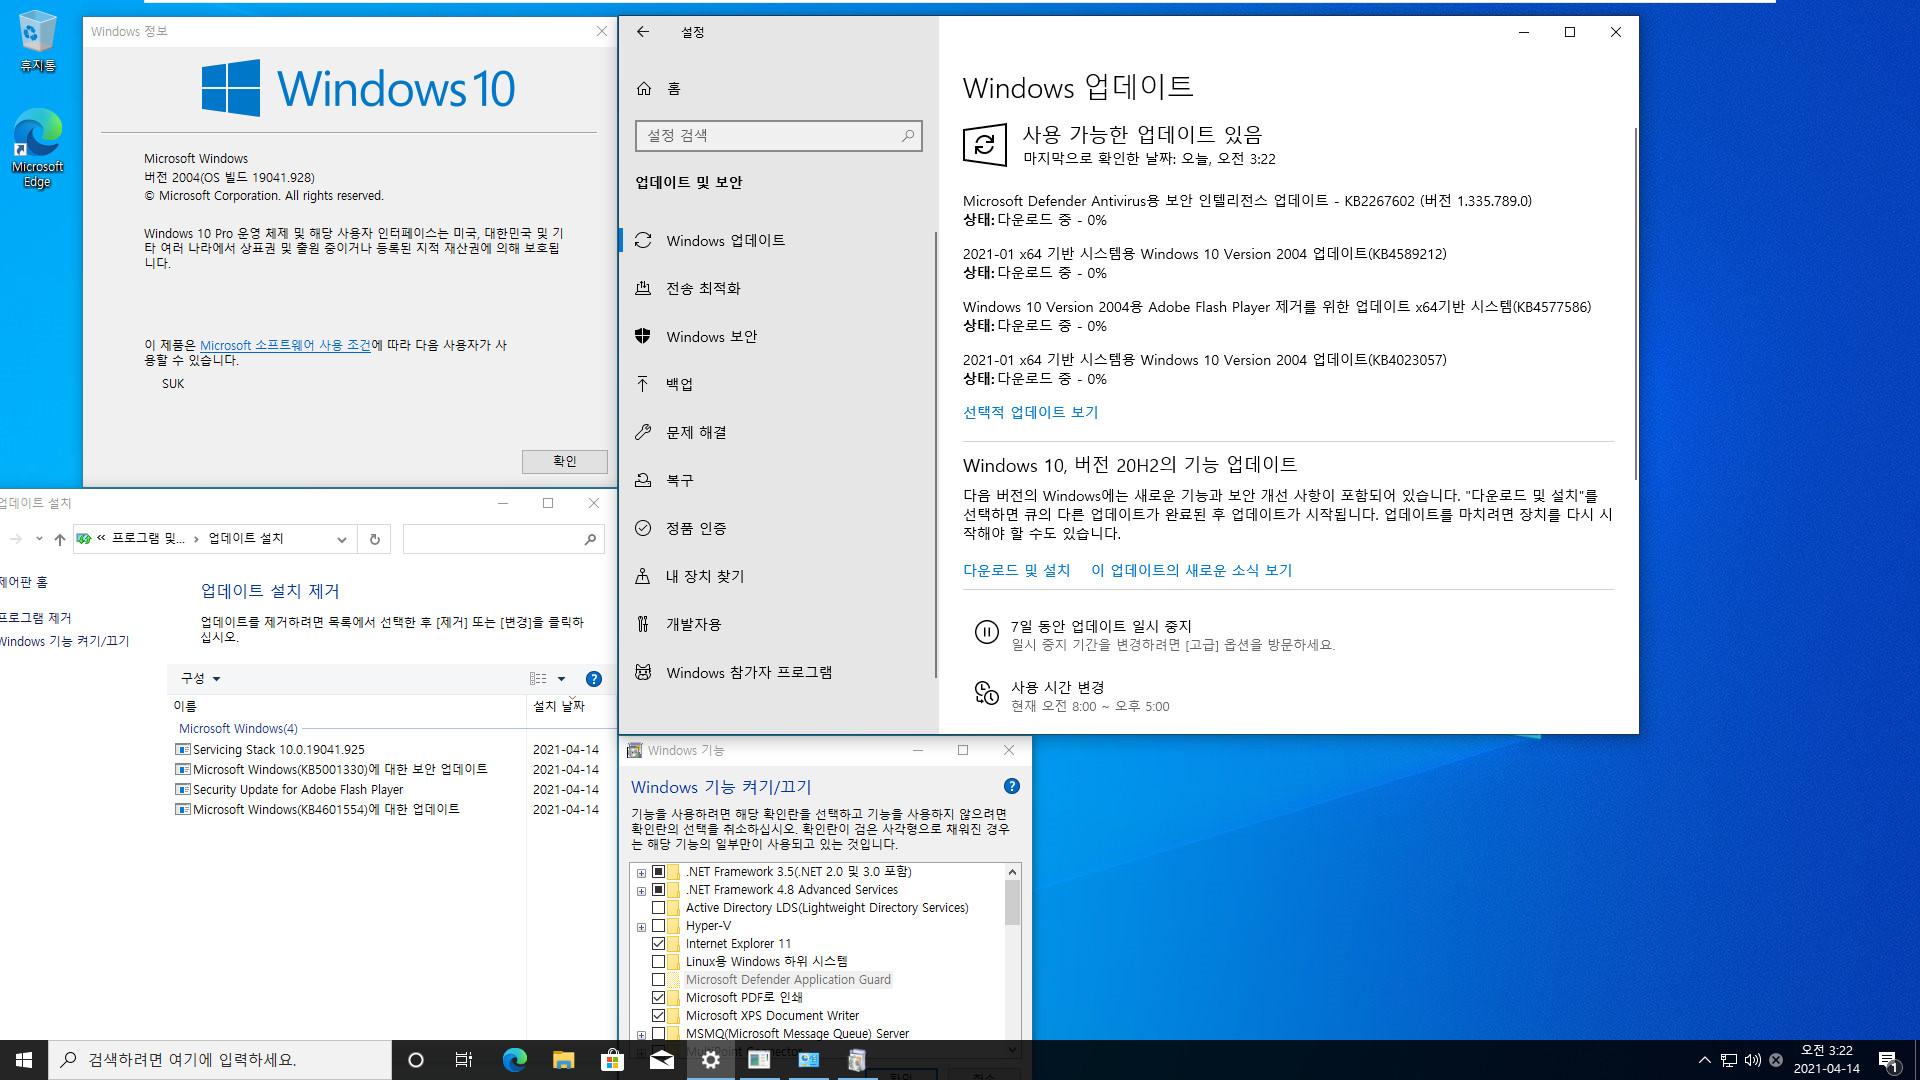 2021-04-14 수요일 정기 업데이트 - PRO x64 3개 버전 통합 - Windows 10 버전 2004, 빌드 19041.928 + 버전 20H2, 빌드 19042.928 + 버전 21H1, 빌드 19043.928 - 공용 누적 업데이트 KB5001330 - 2021-04-14_032206.jpg